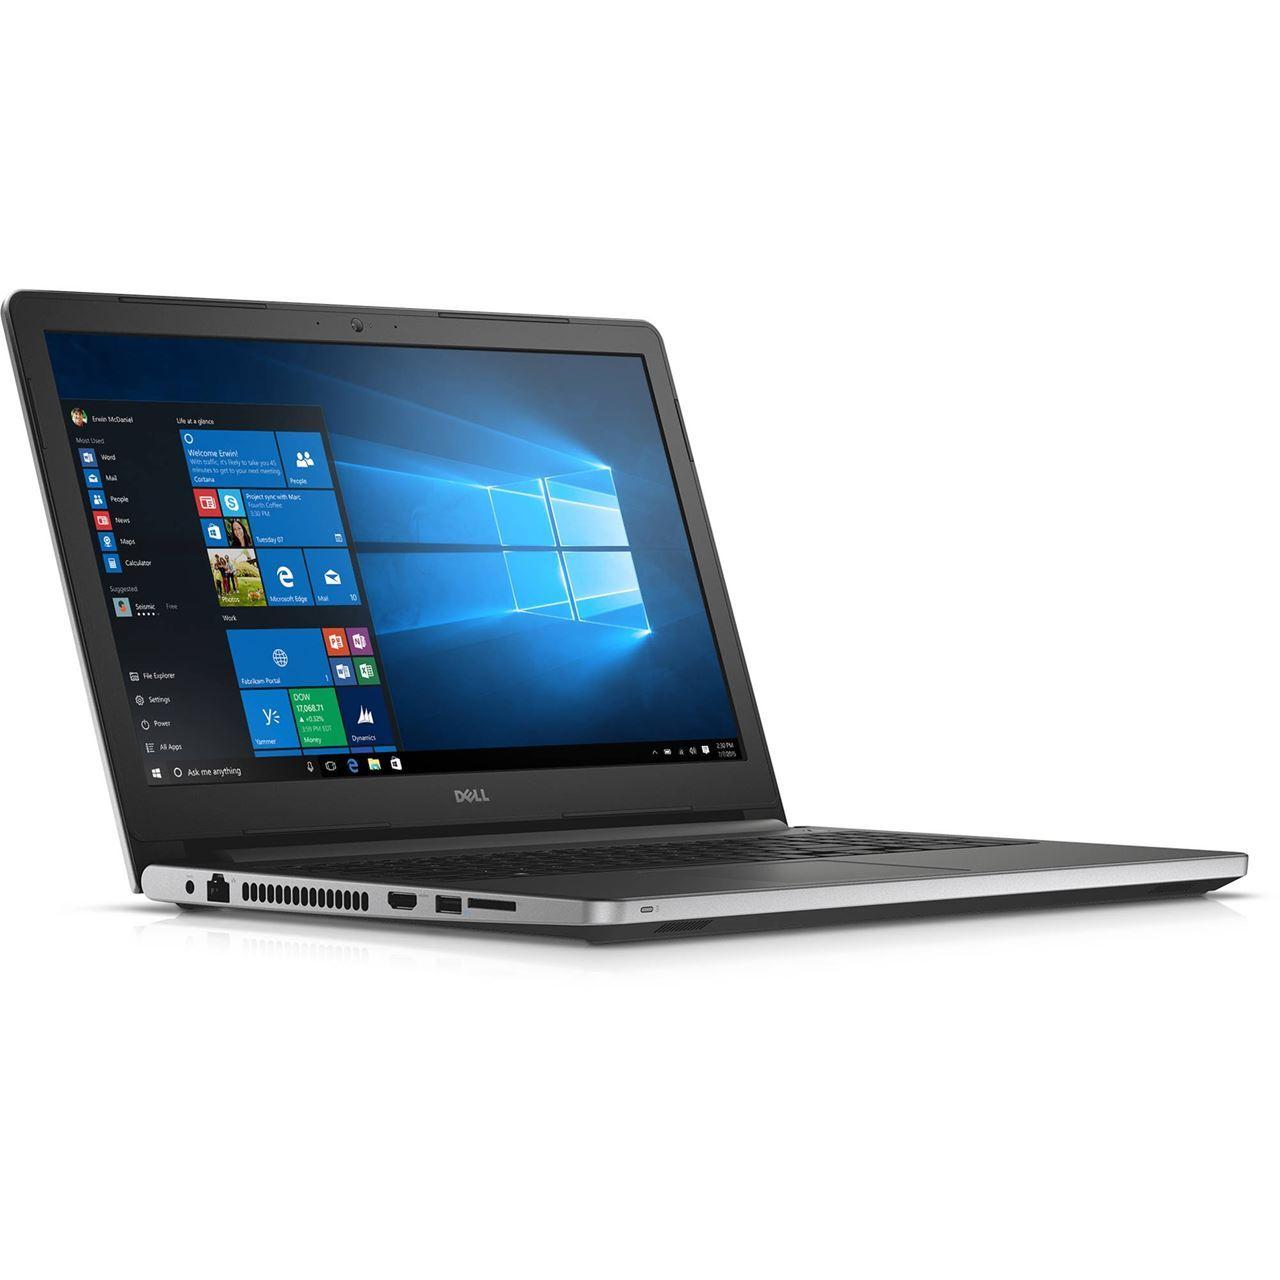 Dell Inspiron 5000 (5559)